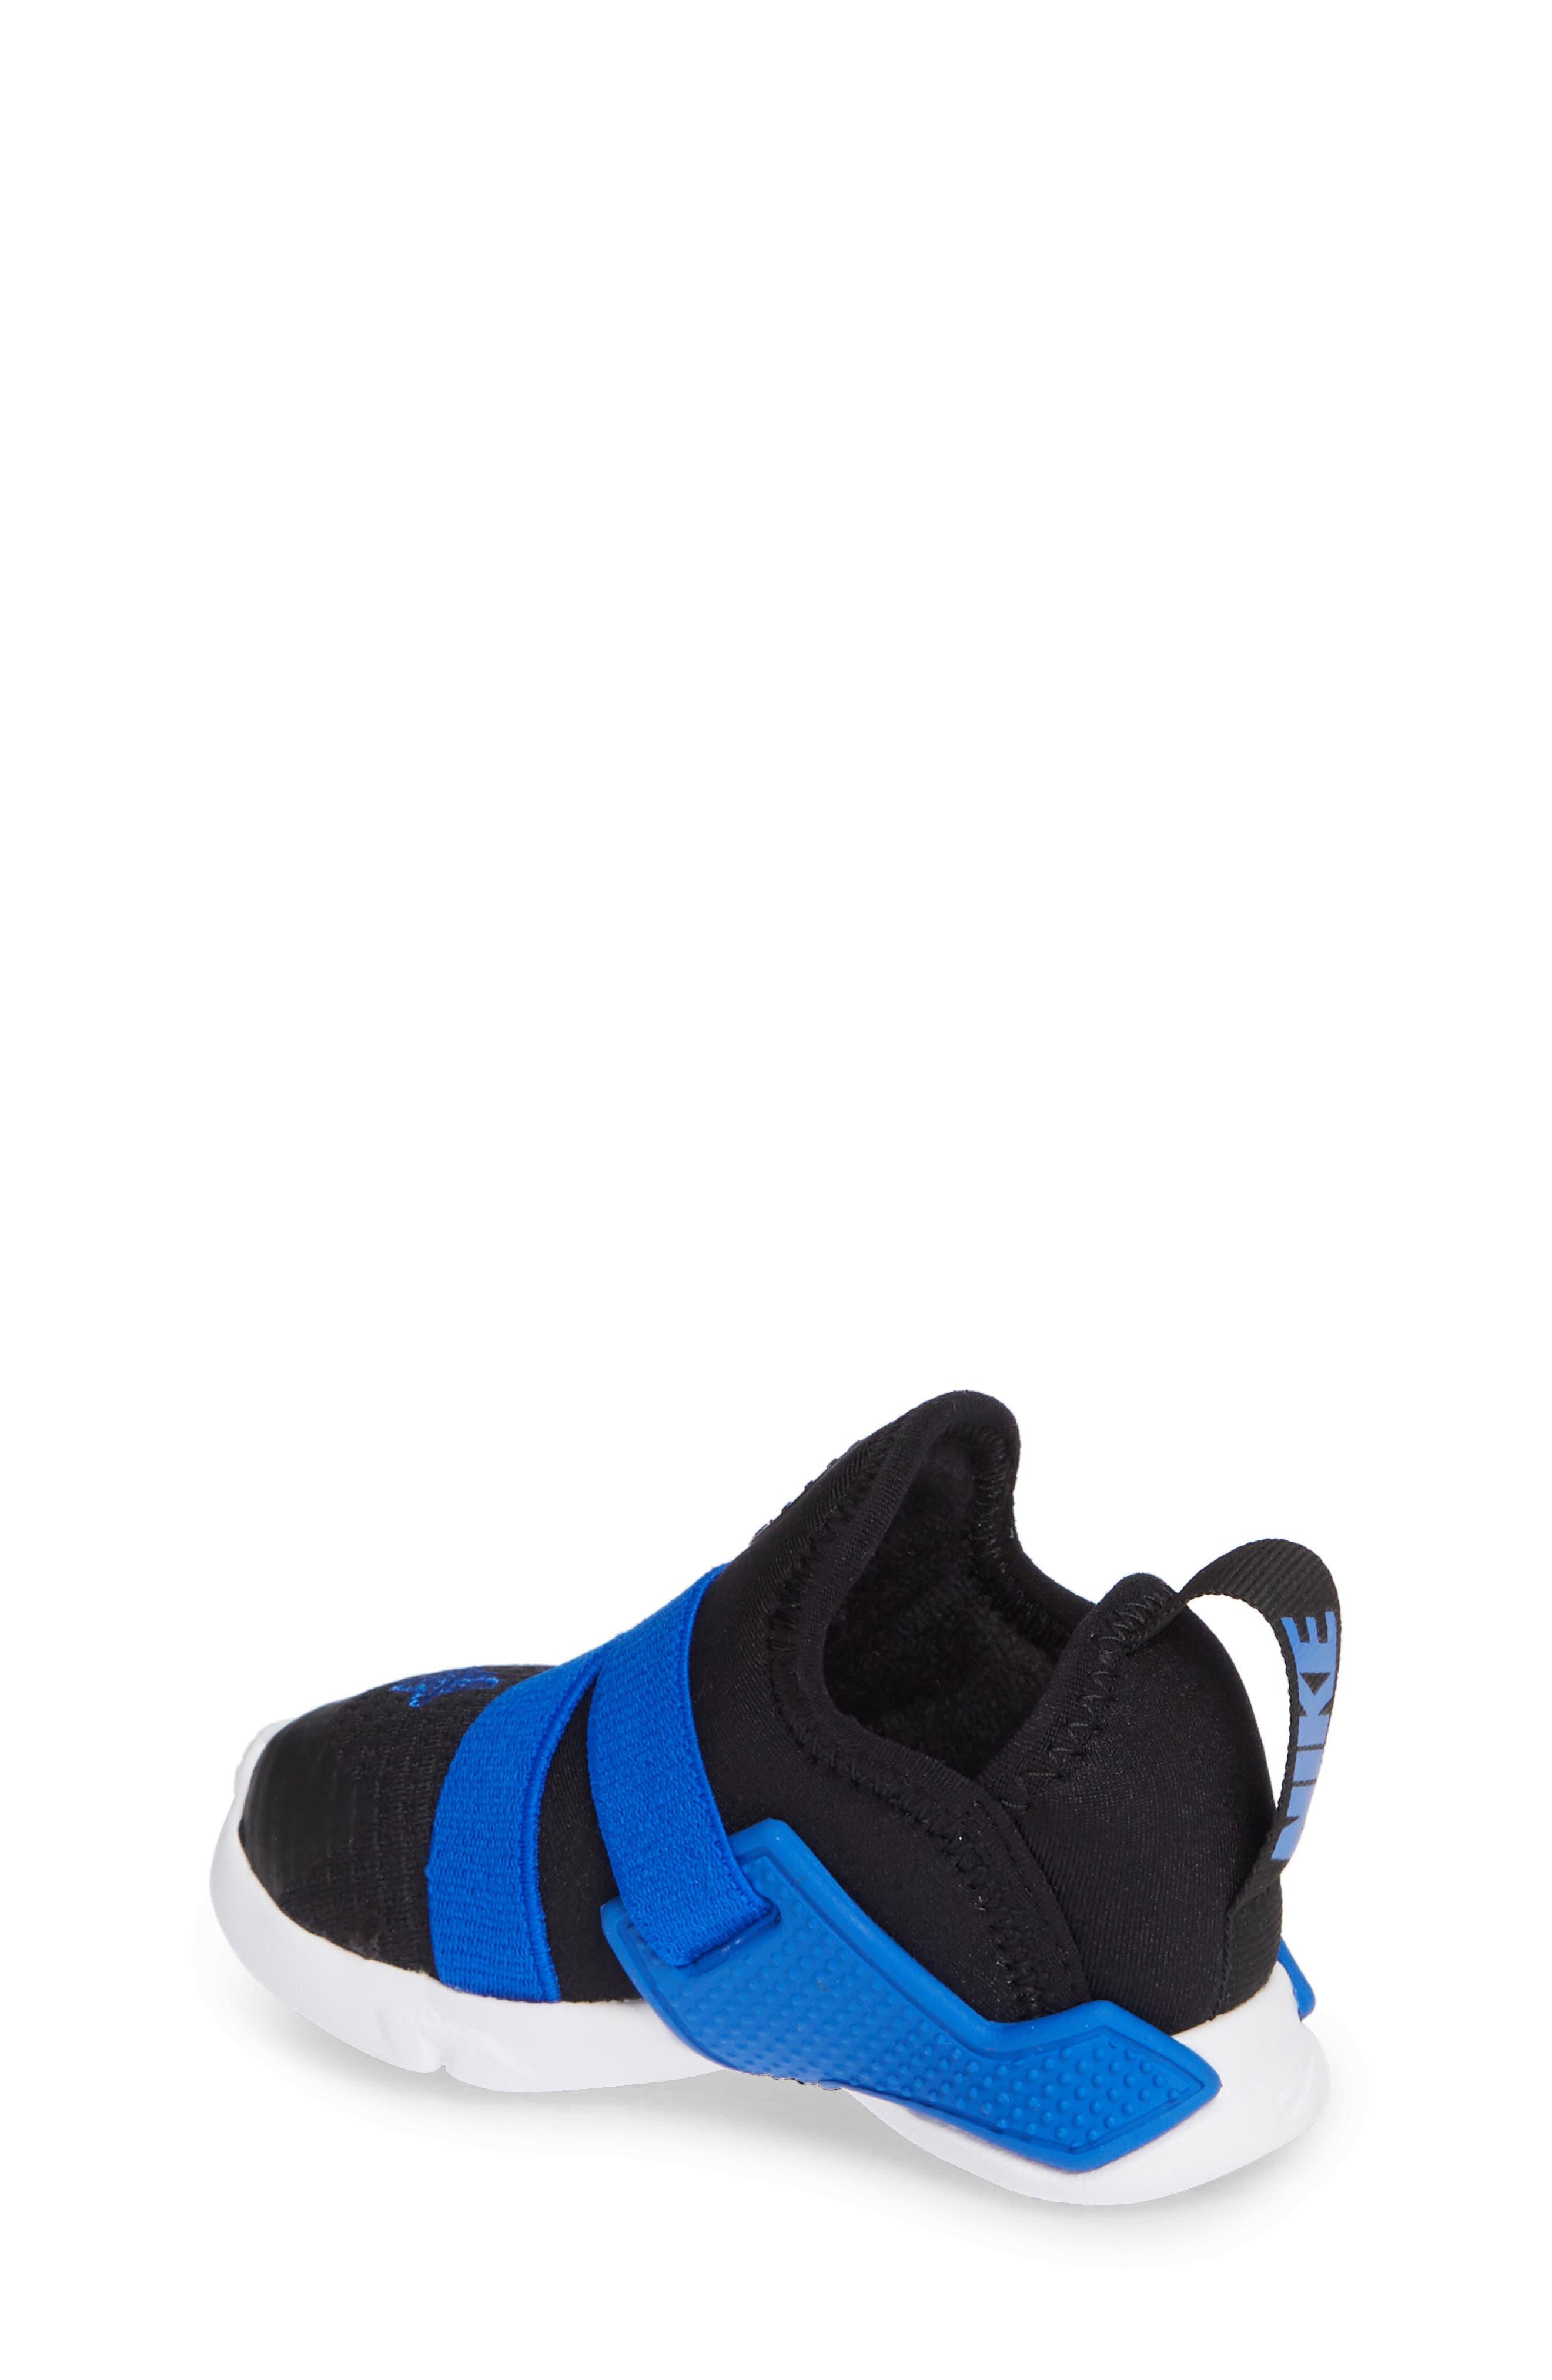 Huarache Extreme Sneaker,                             Alternate thumbnail 2, color,                             BLACK/ BLUE-WHITE